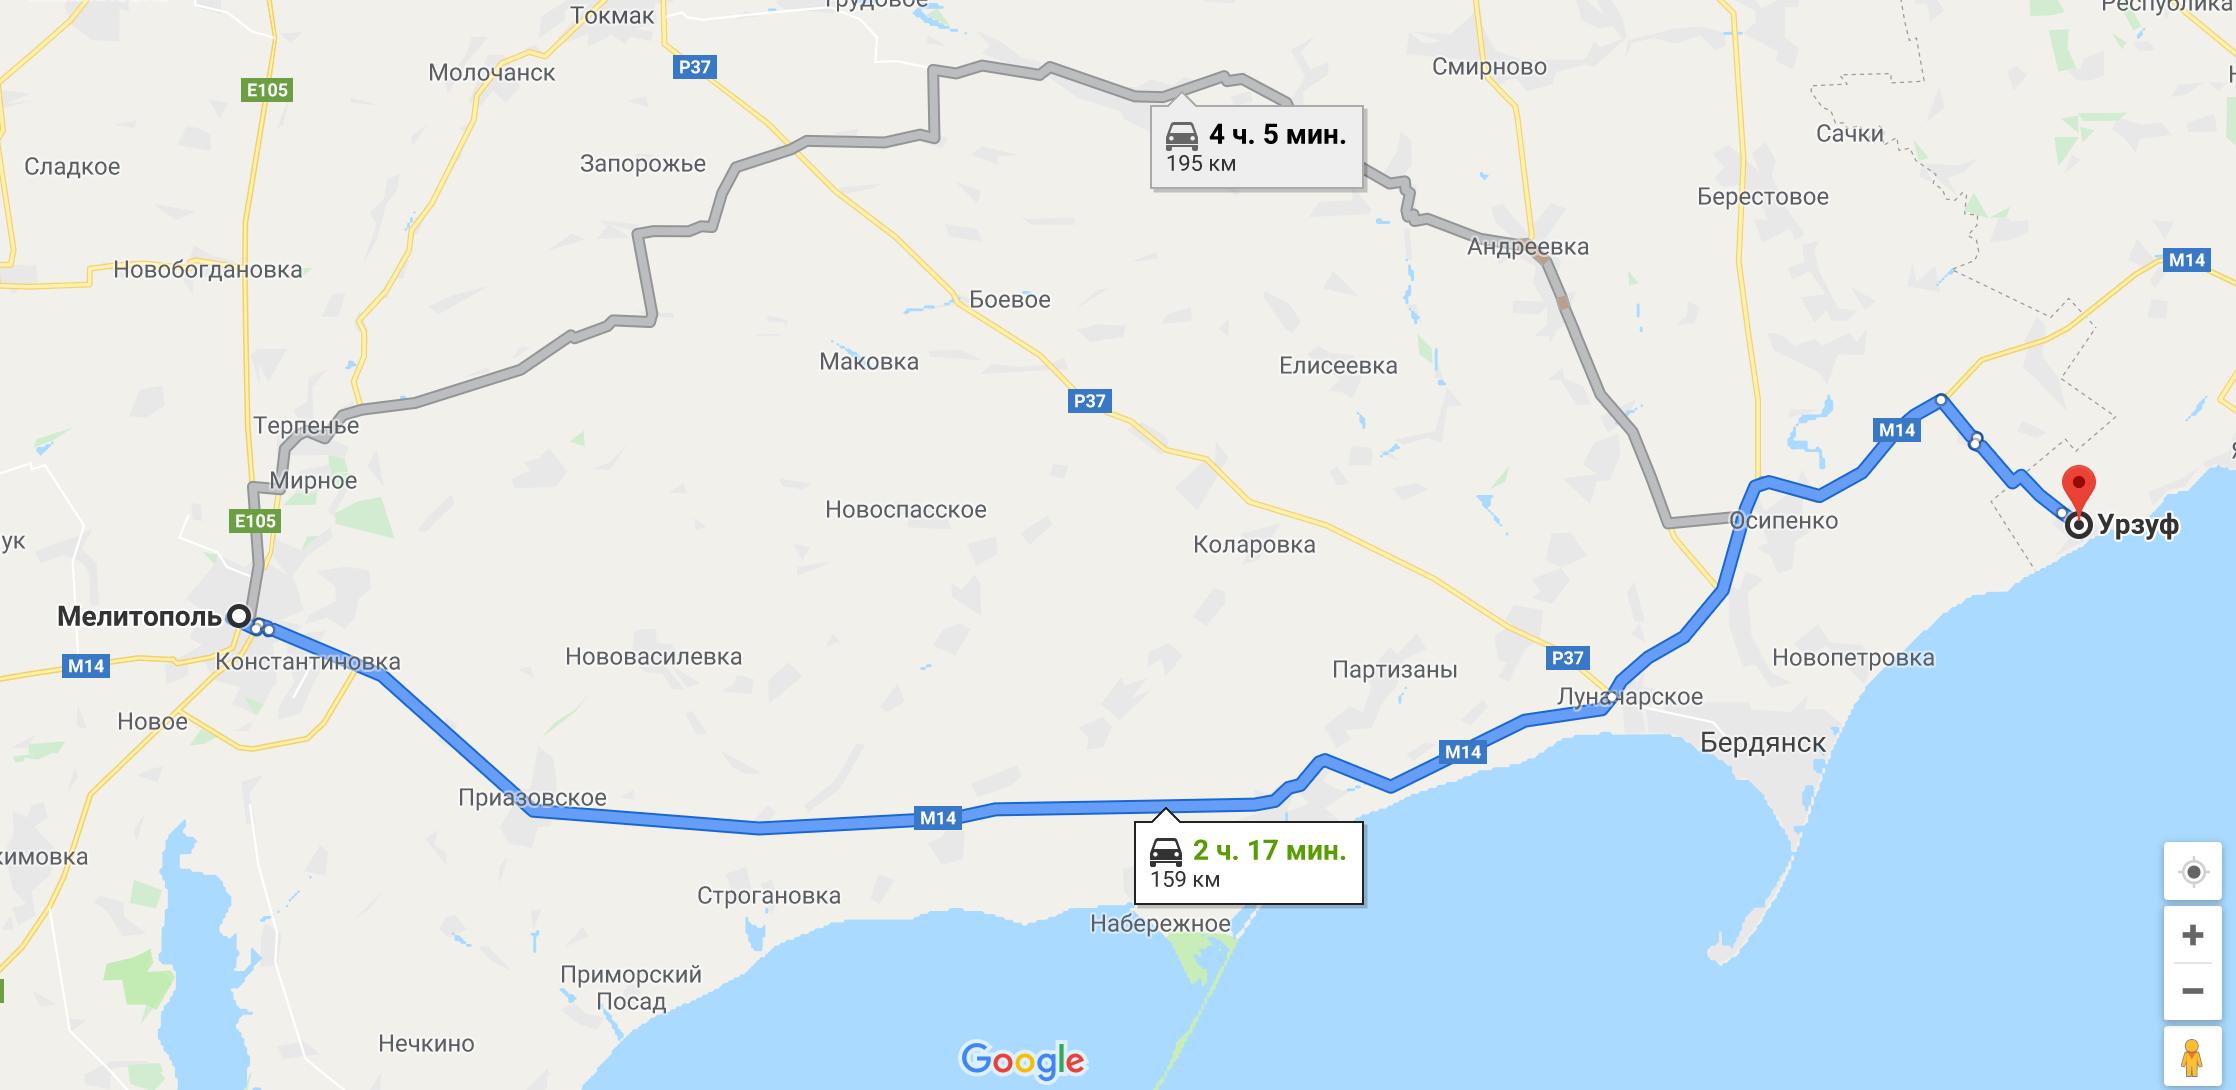 Как добраться в Урзуф на авто из Мелитополя